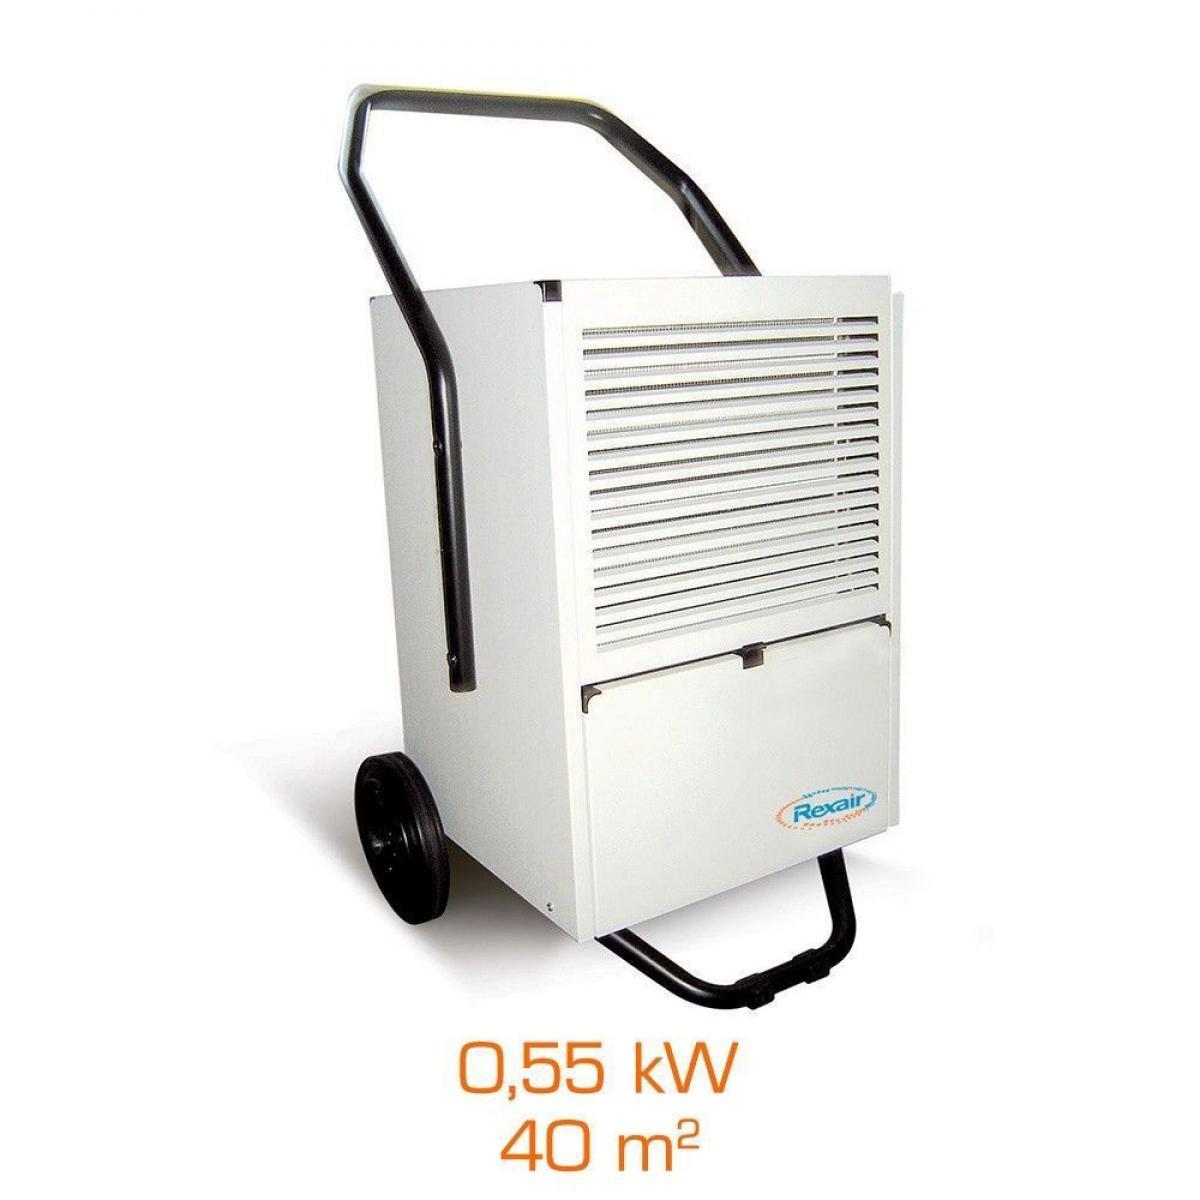 Rexair Deshumidificateur d'air industriel REXAIR QD PRO 30C - 0,55kW - 40m²